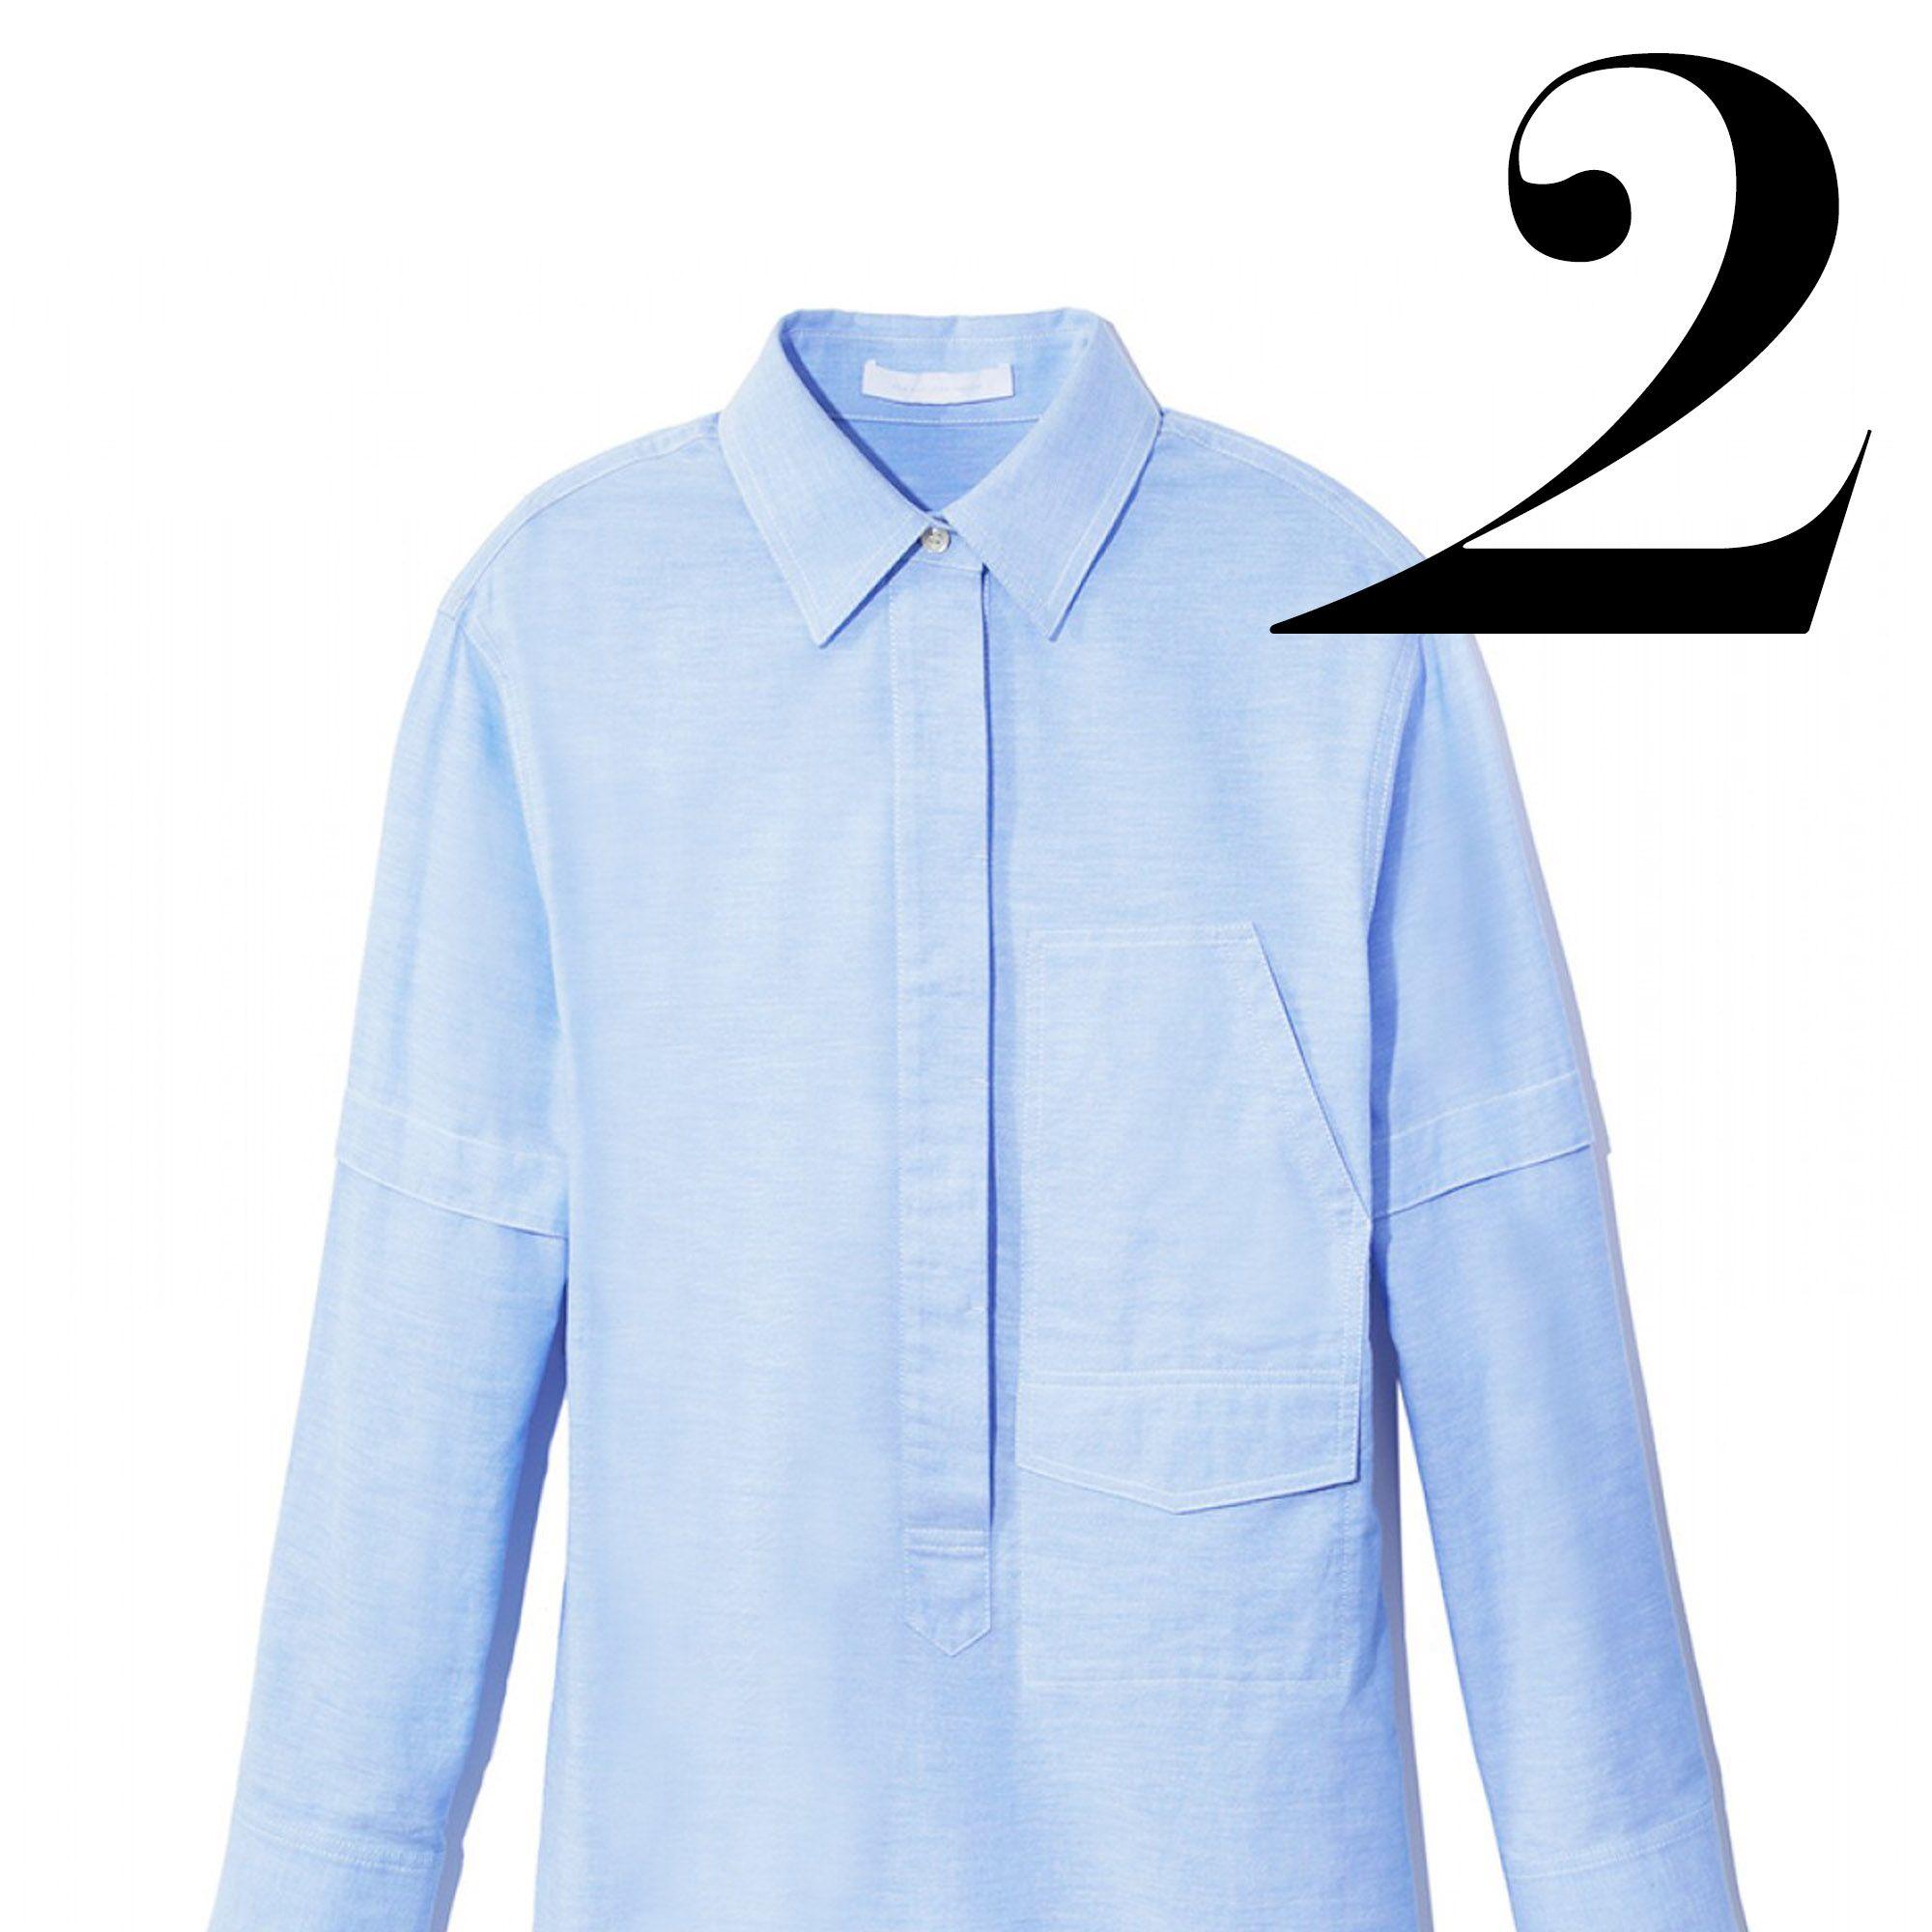 """<em>Alexander Wang shirtdress, $475, <a target=""""_blank"""" href=""""http://shop.harpersbazaar.com/designers/alexander-wang/blue-cotton-shirtdress/"""">shopBAZAAR.com</a></em>"""